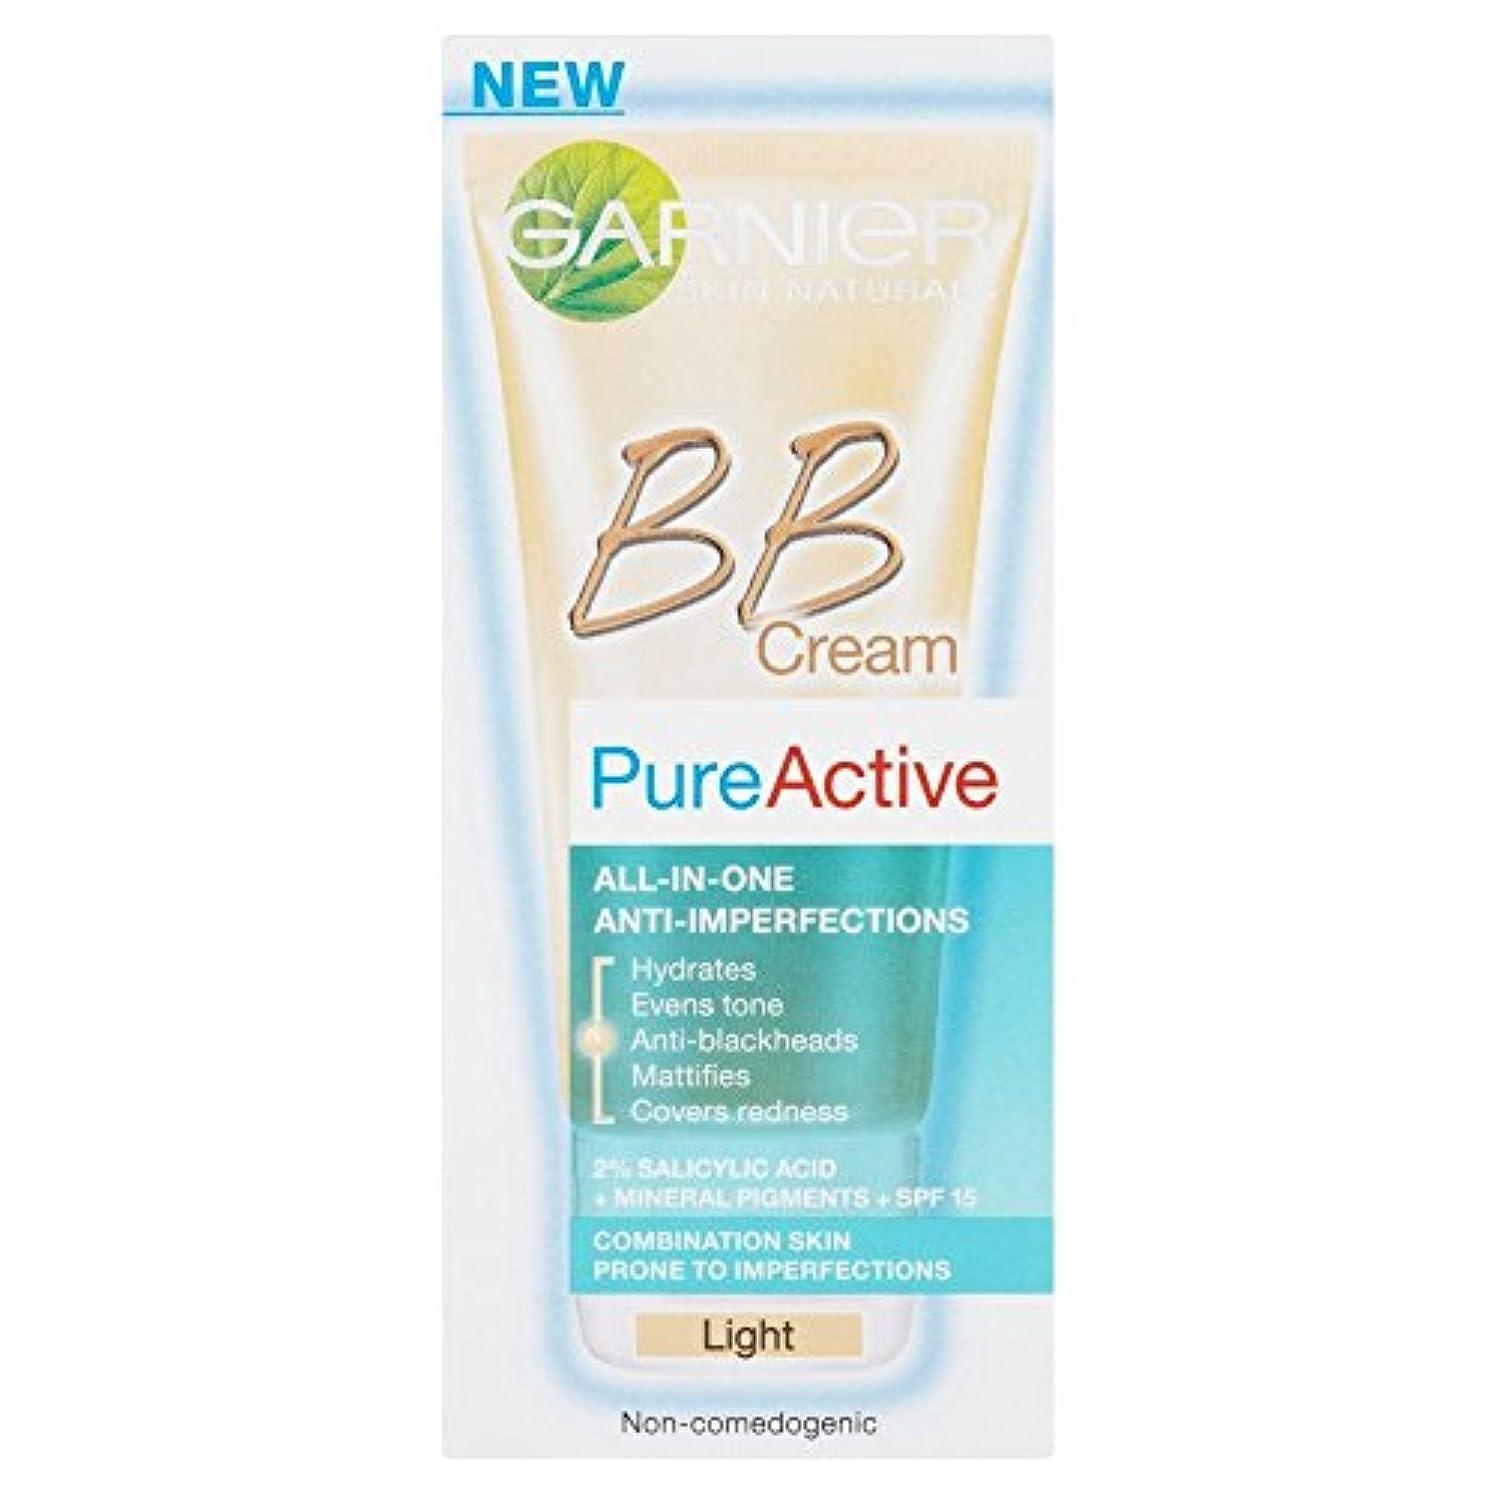 パケットファーザーファージュ割り込みGarnier Pure Active BB Cream - Light (50ml) ガルニエ純粋な活性bbクリーム - 光( 50ミリリットル) [並行輸入品]